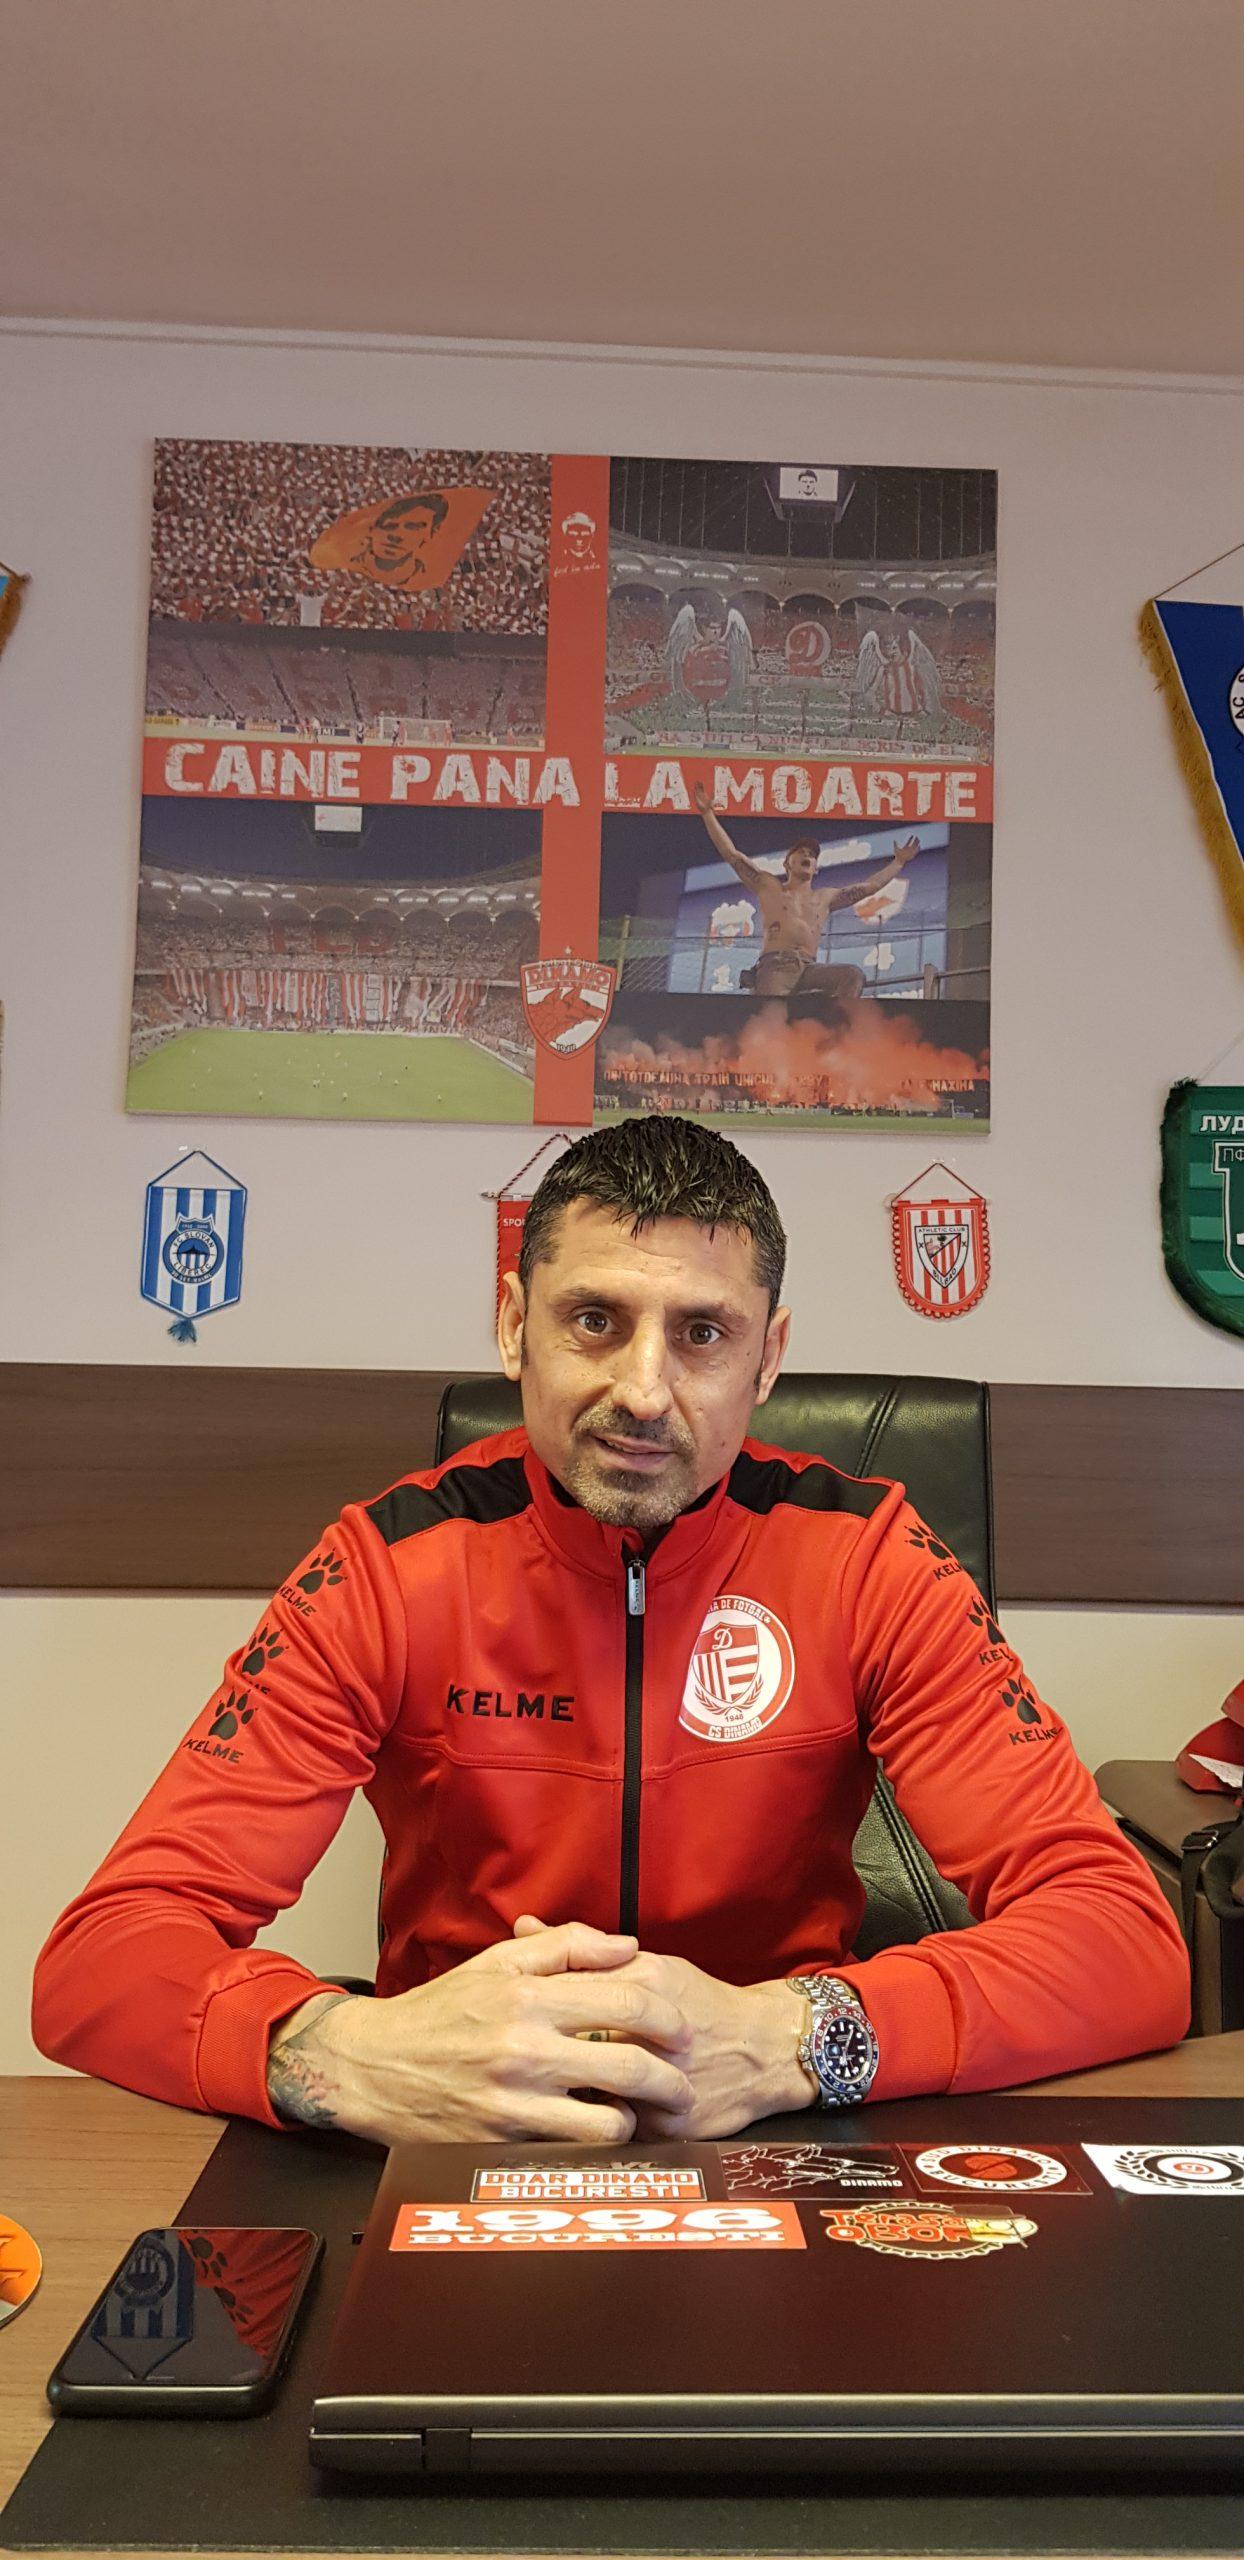 Ionel Dănciulescu regretă absența fanilor de pe stadion